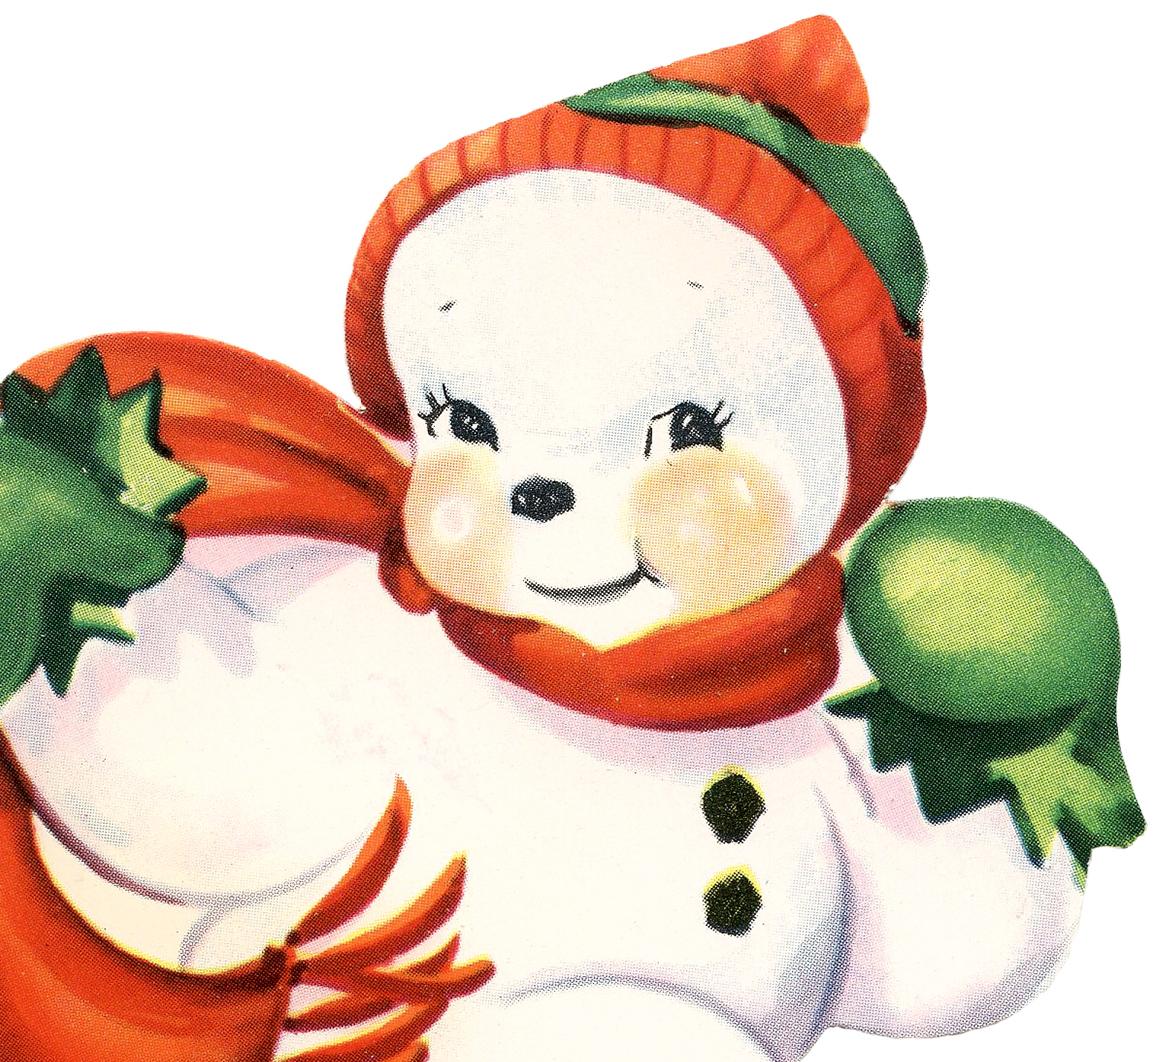 Cute snowman image retro the graphics fairy